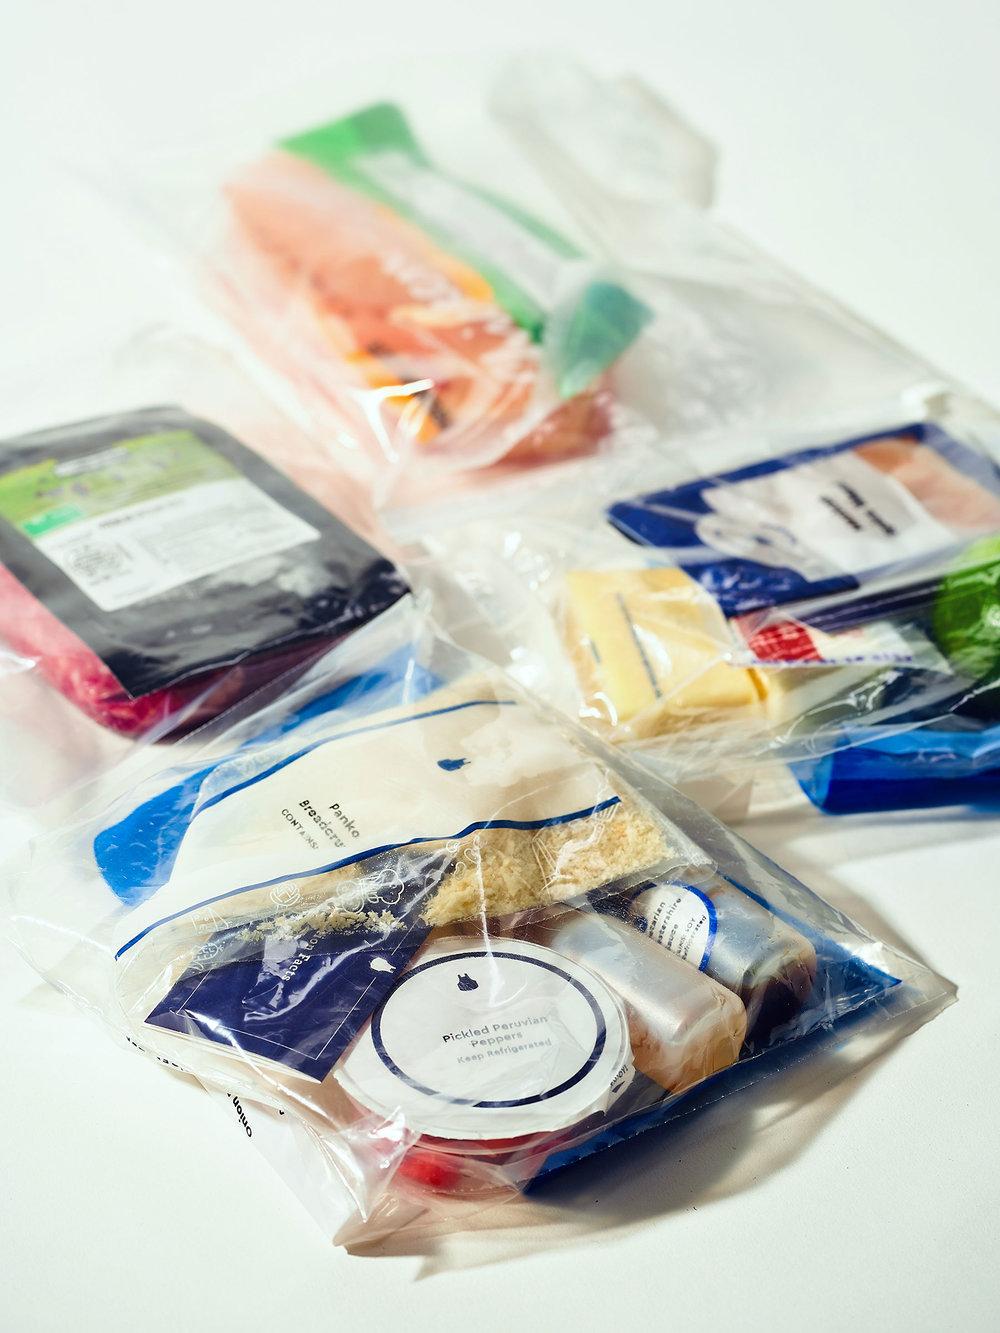 Meal_Kits-The_Dieline3406.jpg